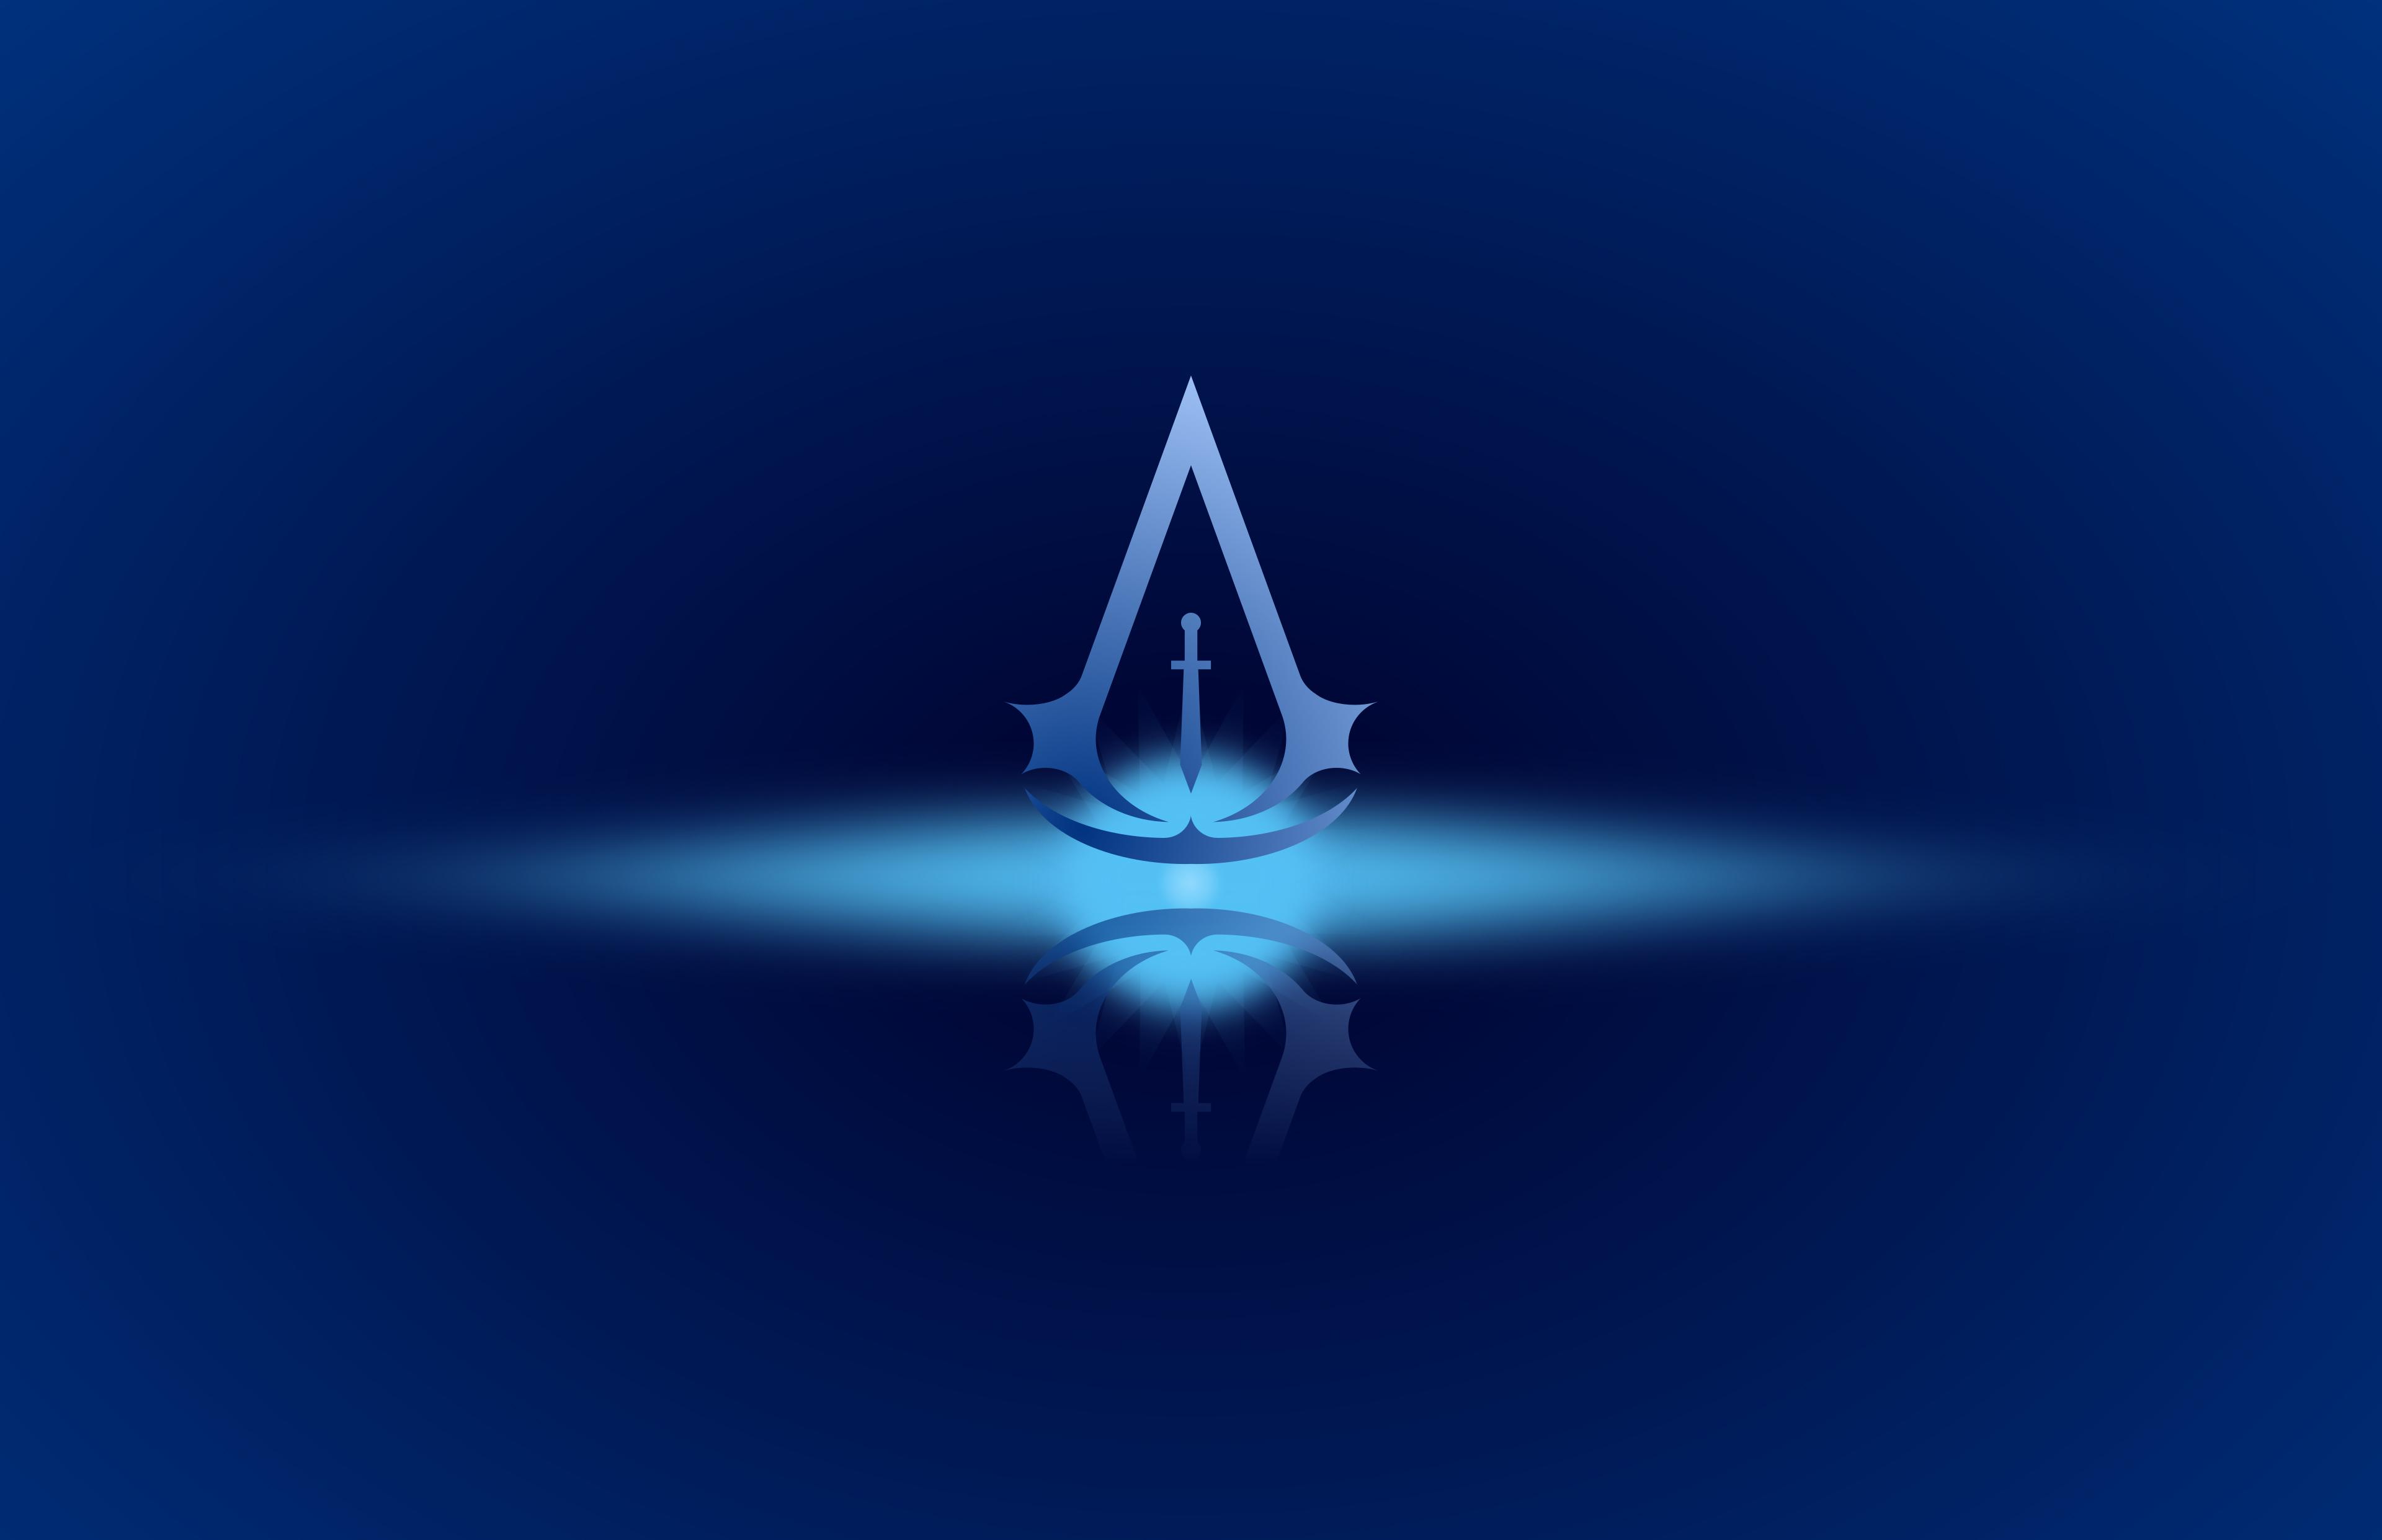 Wallpaper 4k Assassins Creed Minimal Logo Assassins Creed Minimal Logo 4k Wallpapers Assassins Creed Minimal Logo